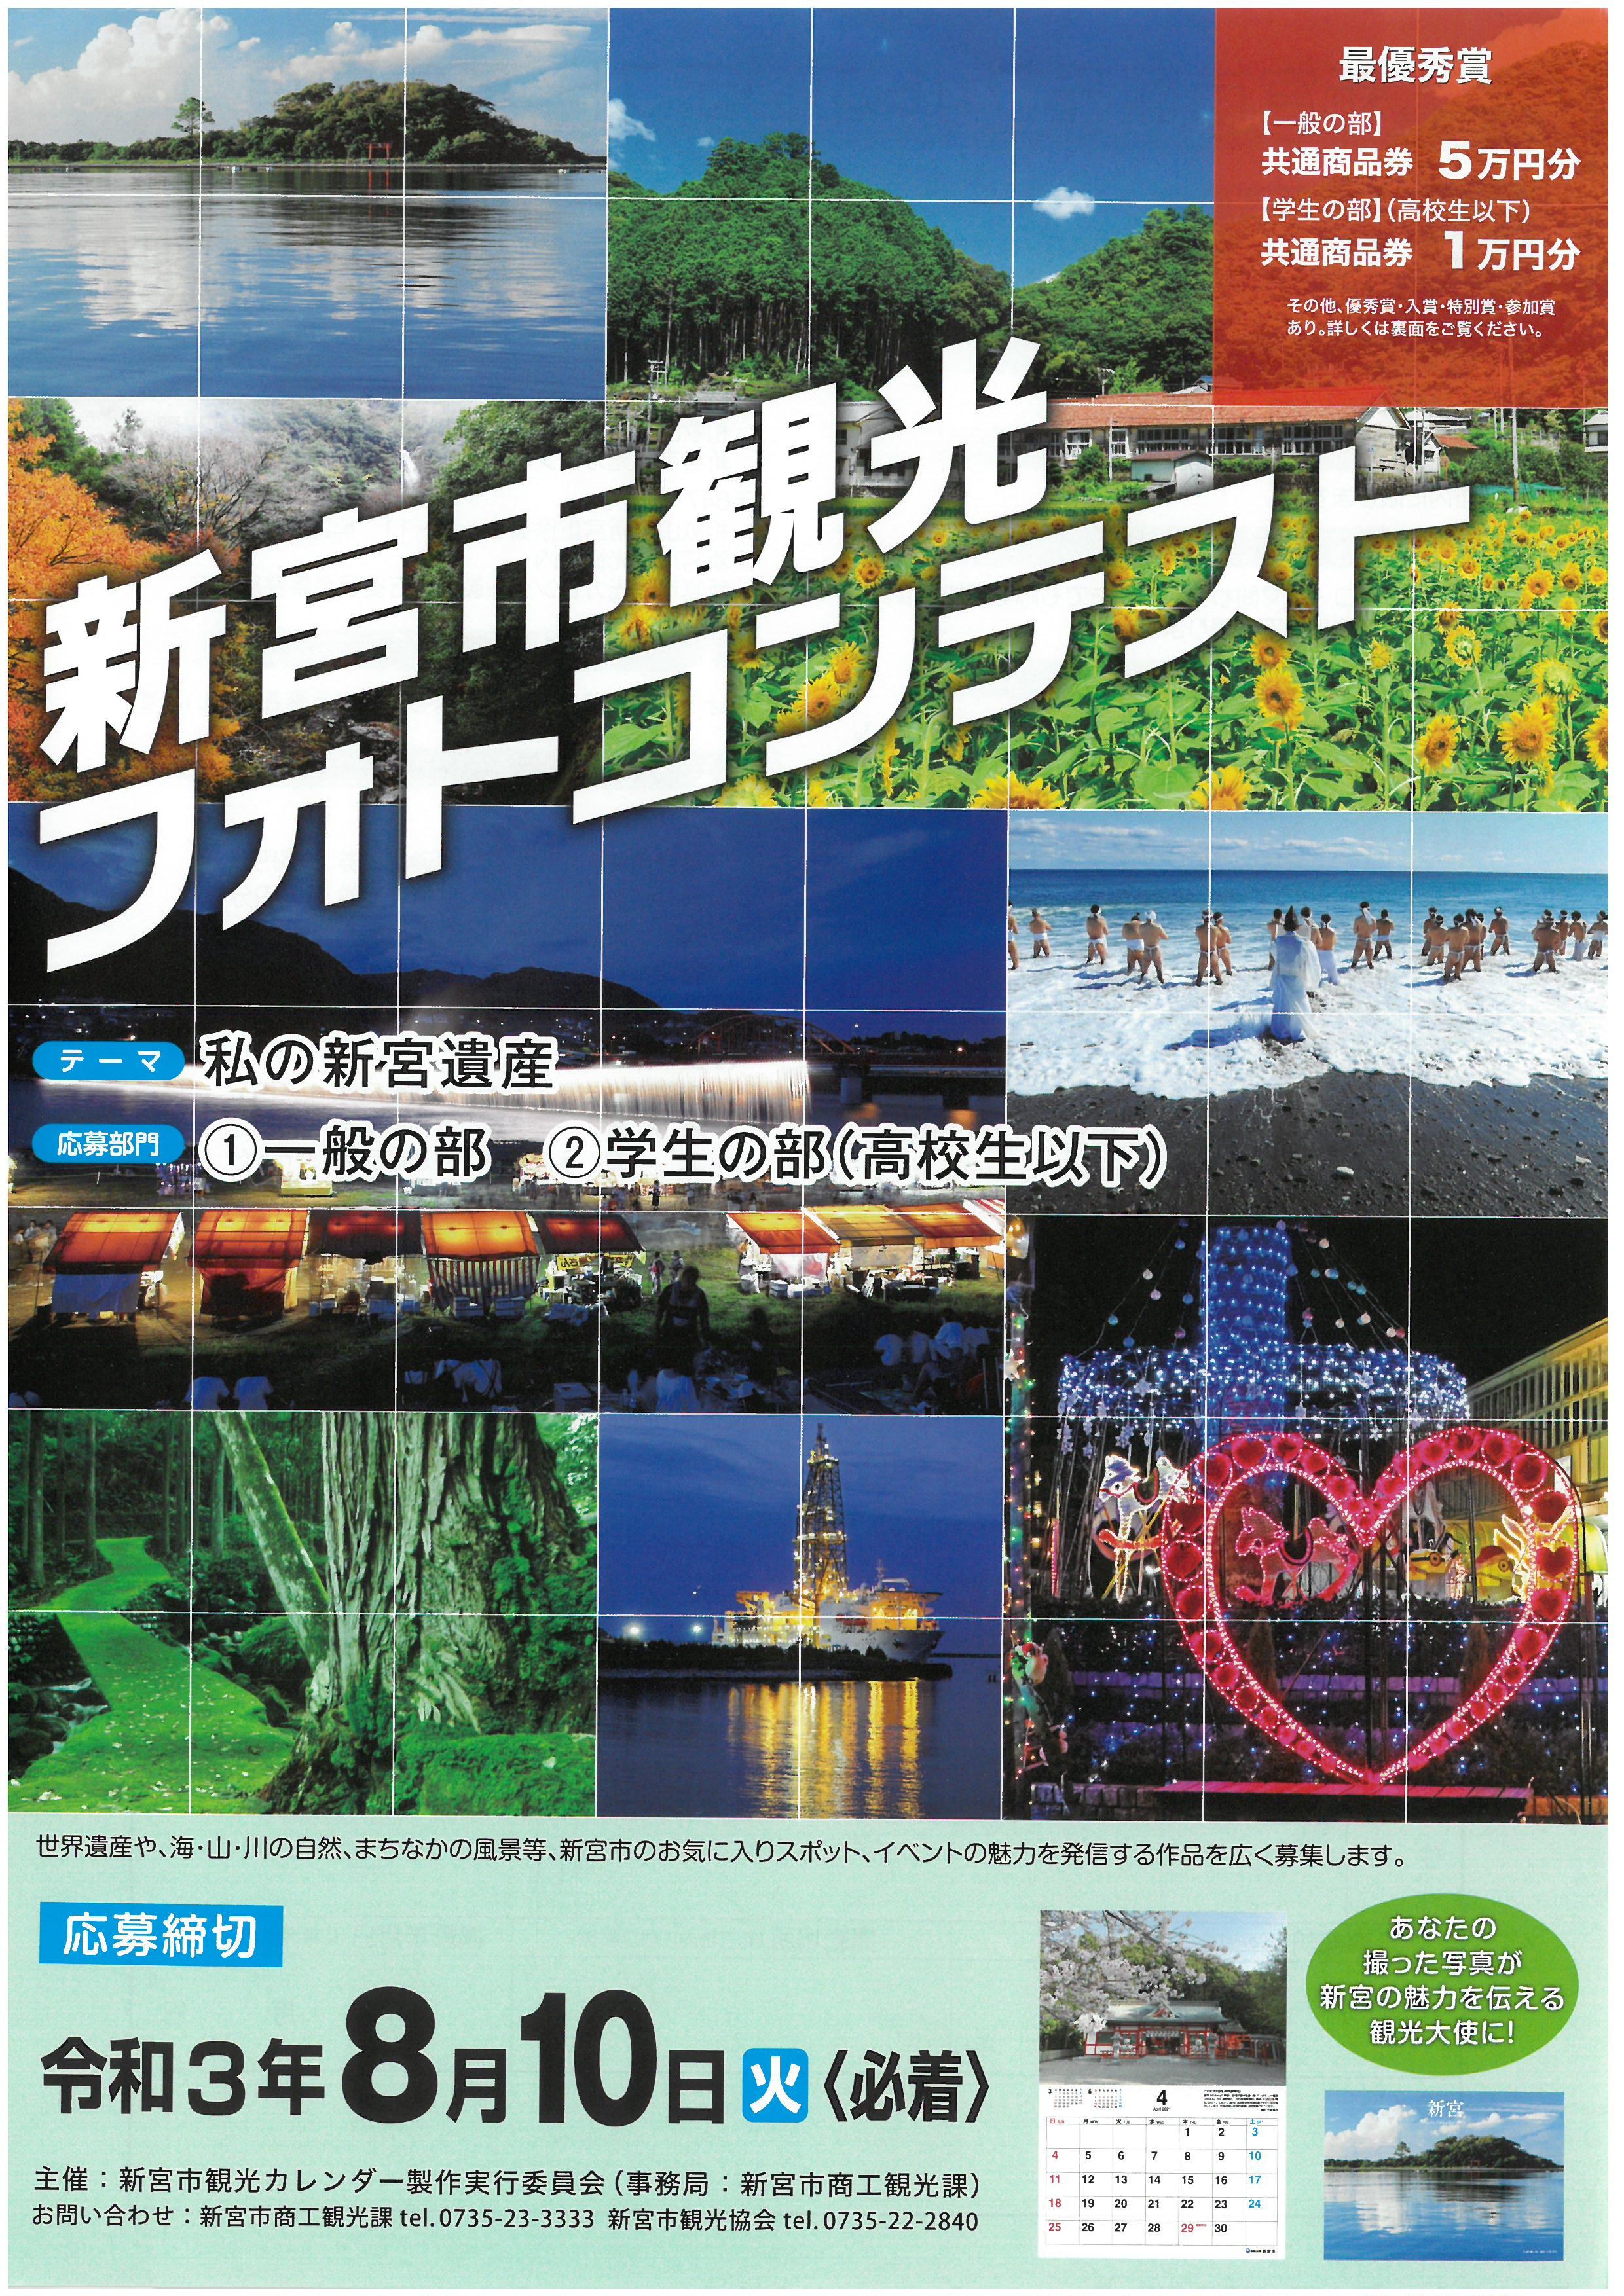 『新宮市観光フォトコンテスト』の写真を募集します!